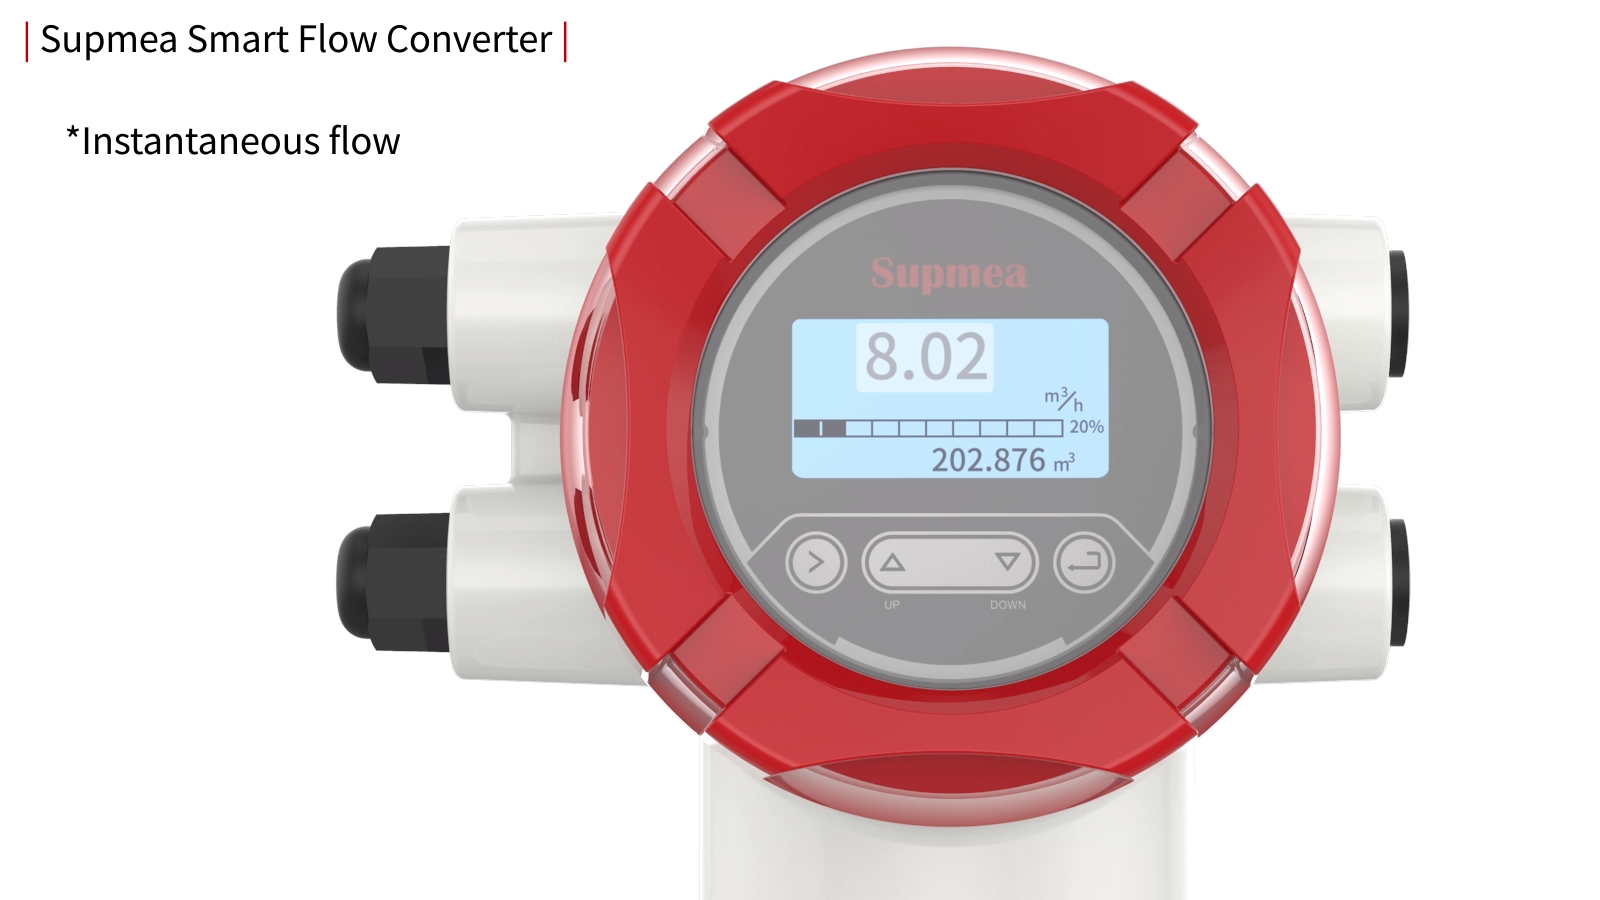 مقياس تدفق المياه الرقمي الصغير من modbus مضخة مياه لخط أنابيب التحكم السائل 2 4 8 بوصة مقياس التدفق المغناطيسي الكهرومغناطيسي